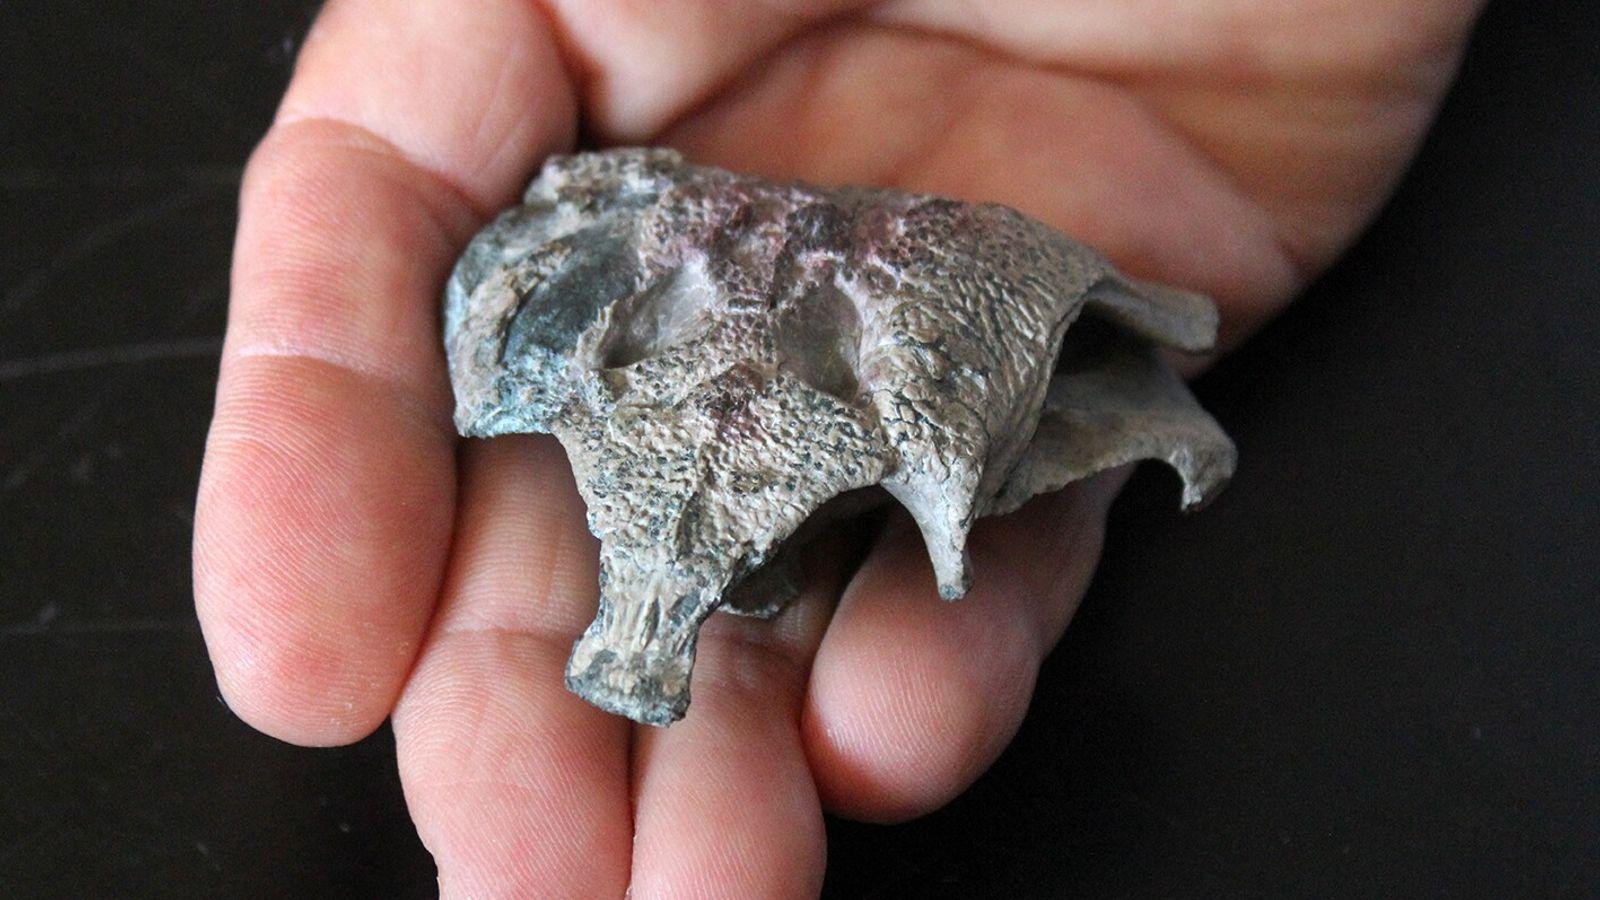 El cráneo de Burkesuchus mallingrandensis en relación a una mano humana.